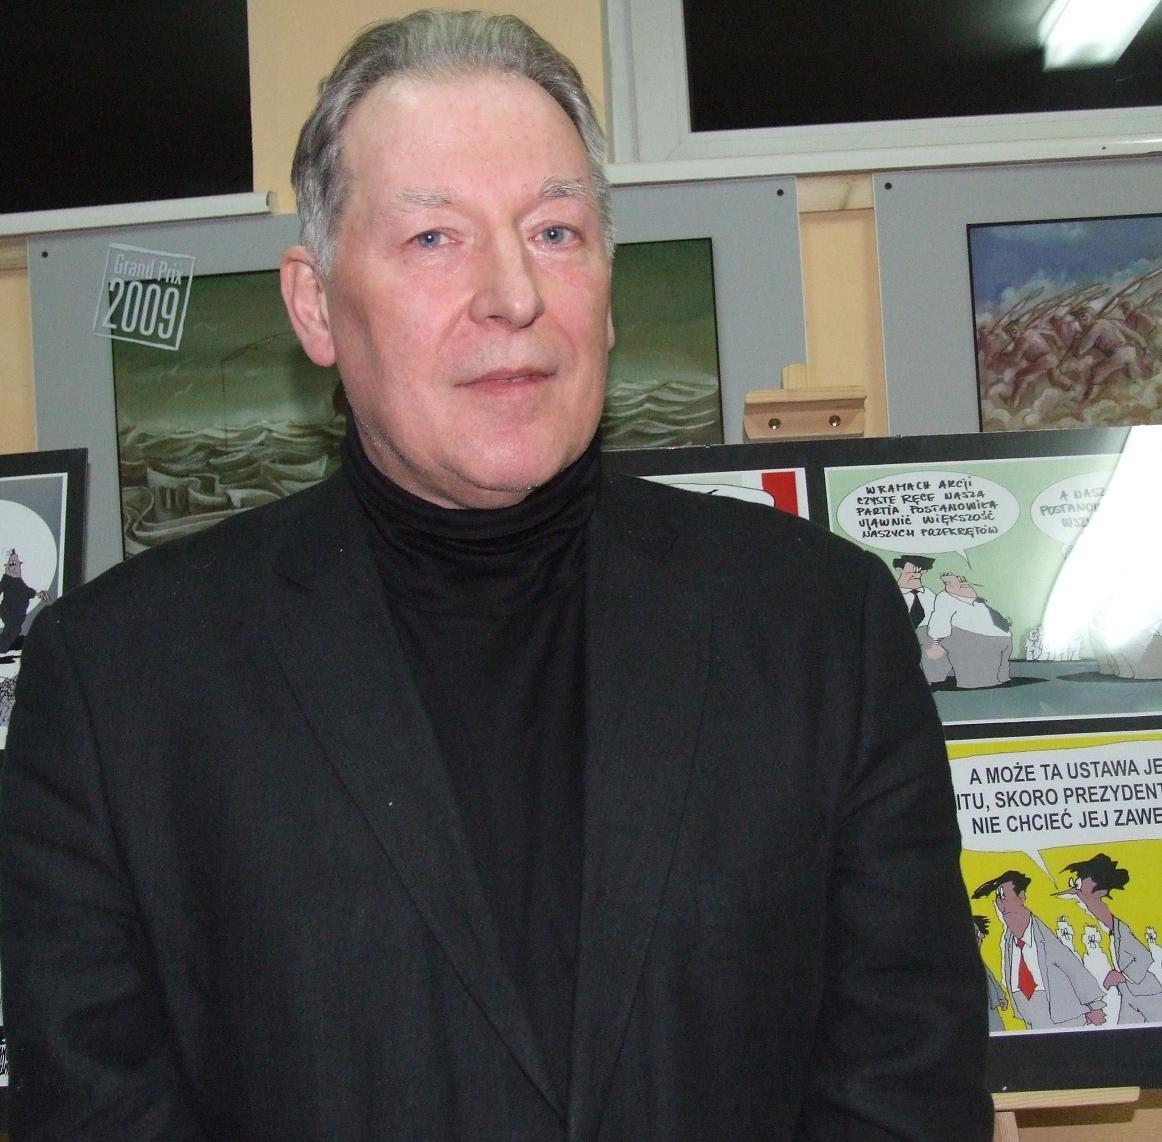 Janusz Kożusznik